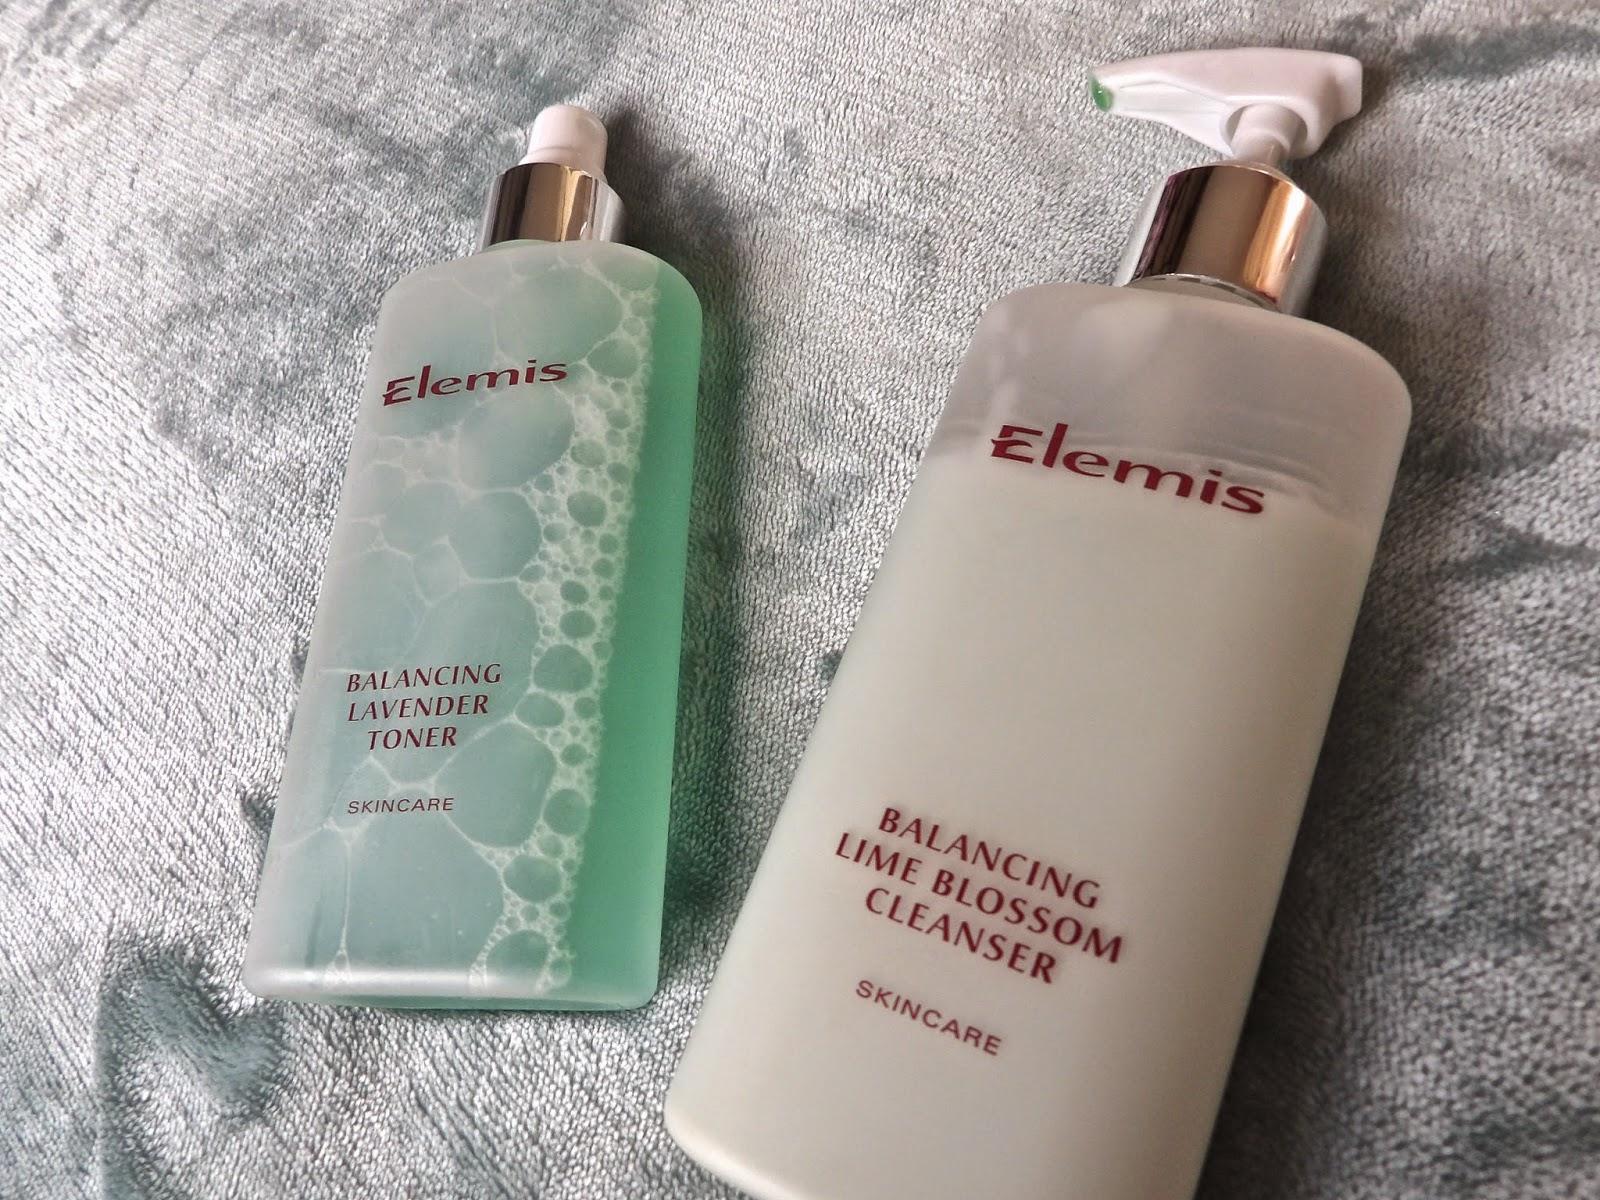 Elemis Balancing Cleanser & Toner